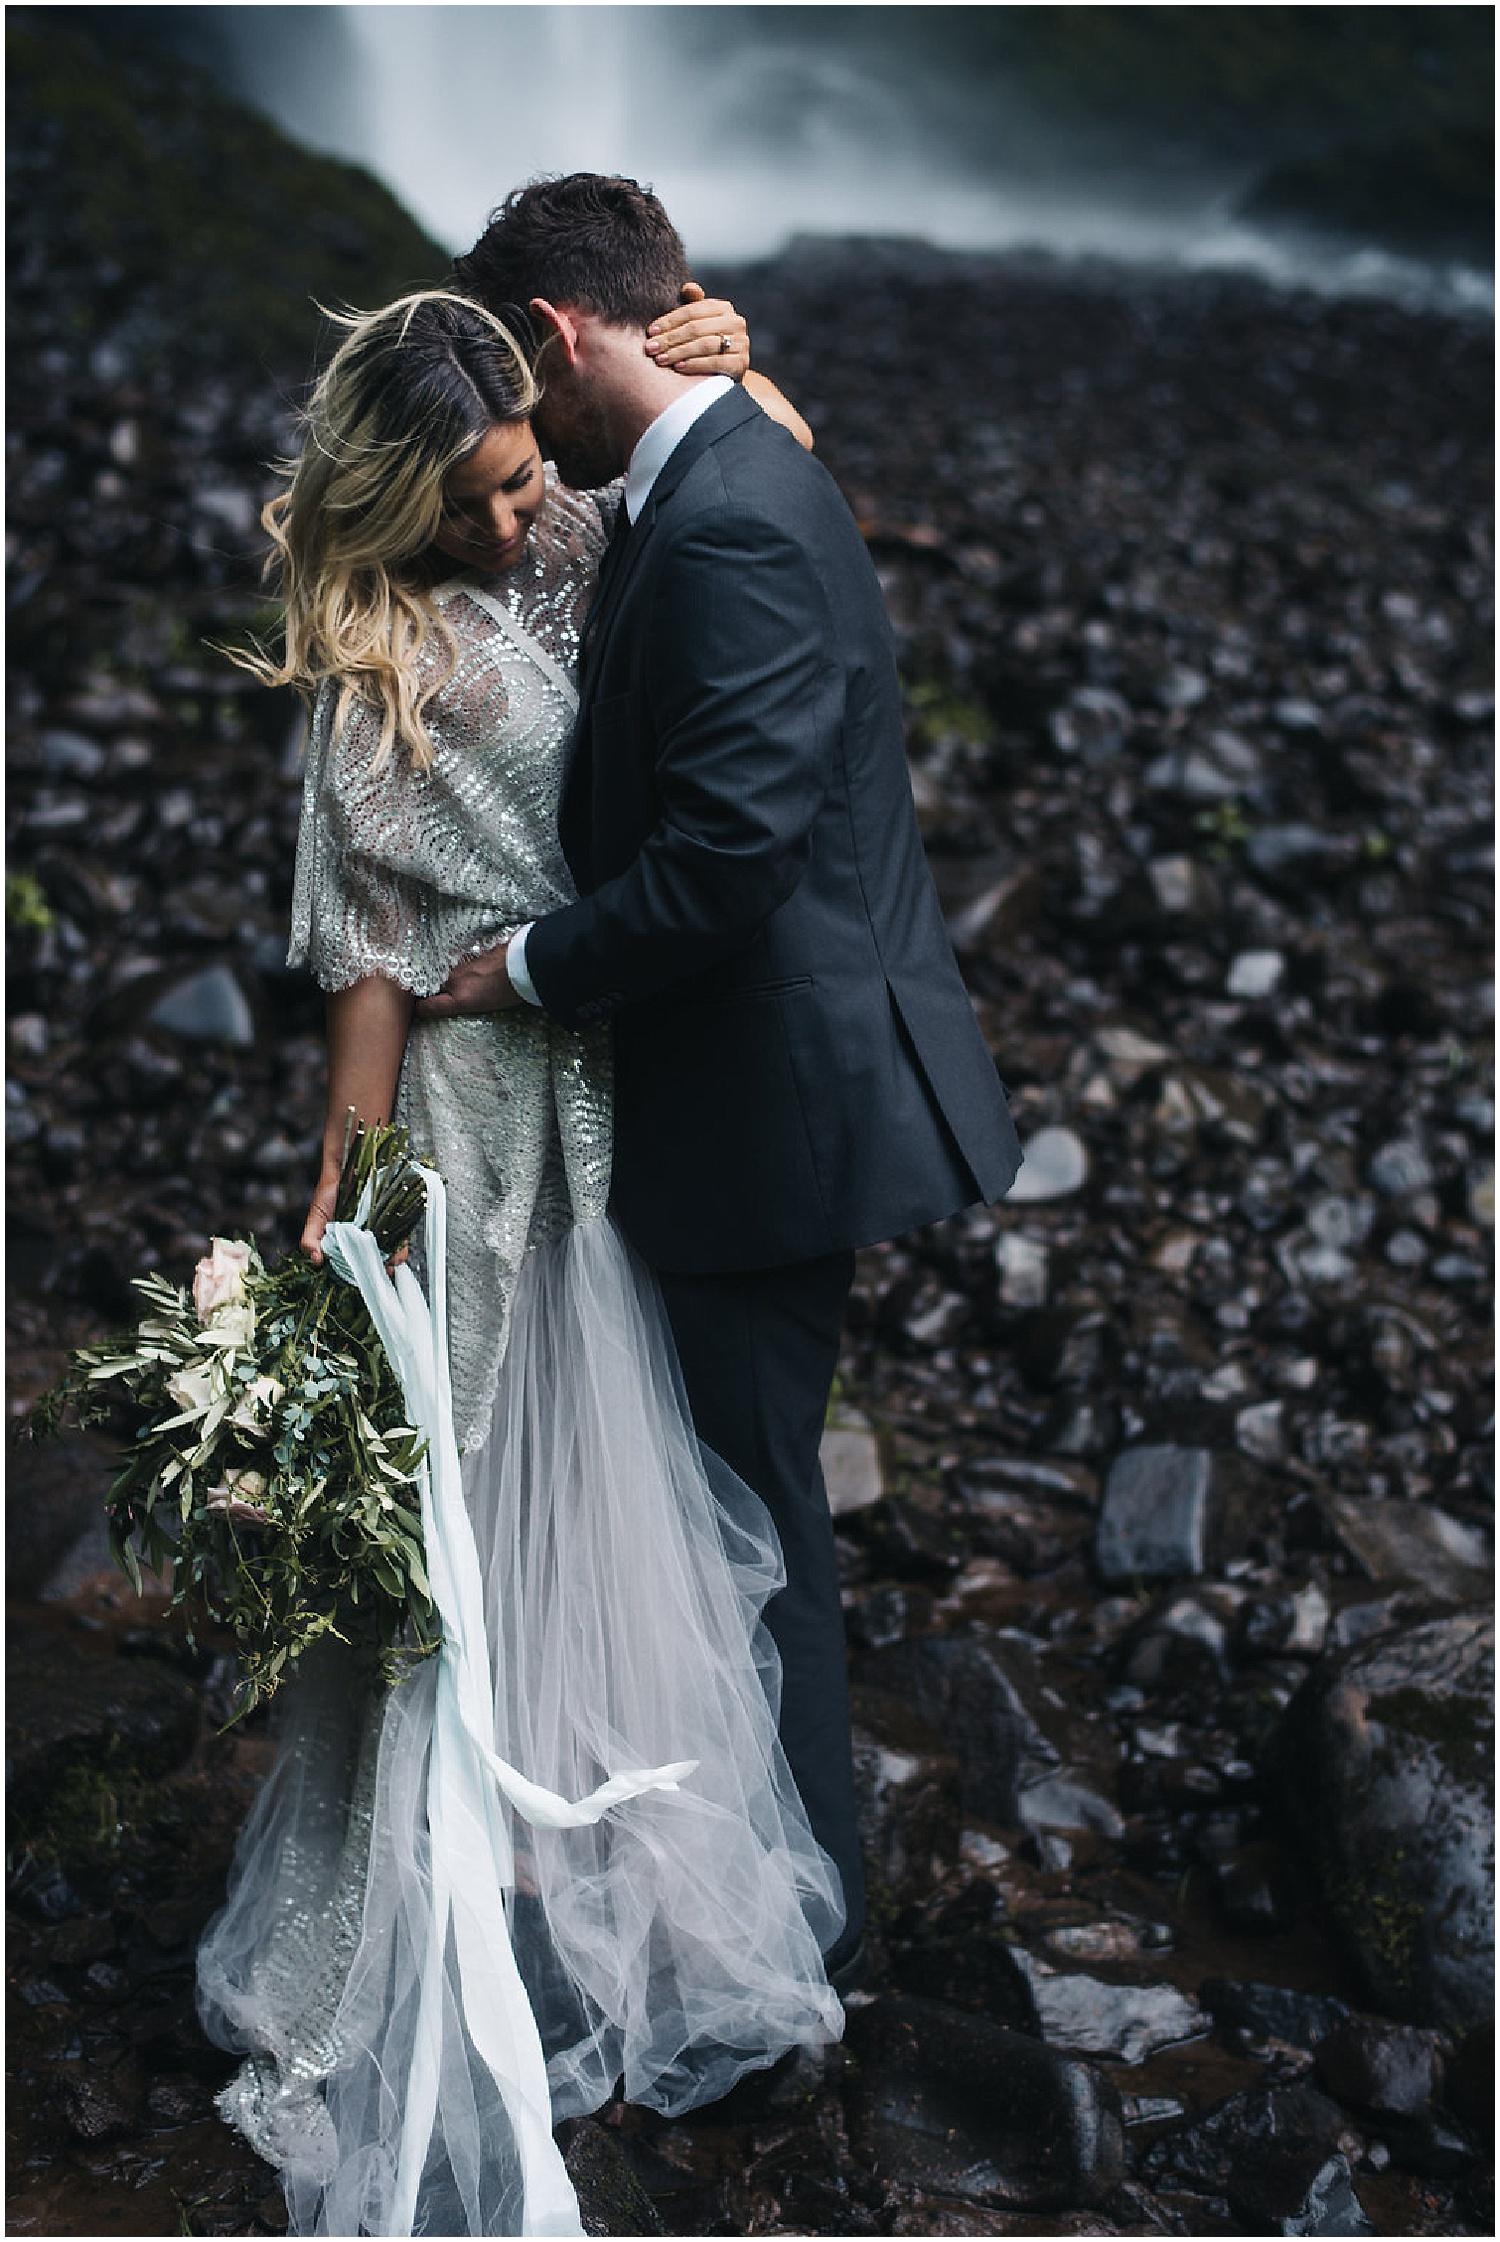 romantic neck kiss with bridal bouquet